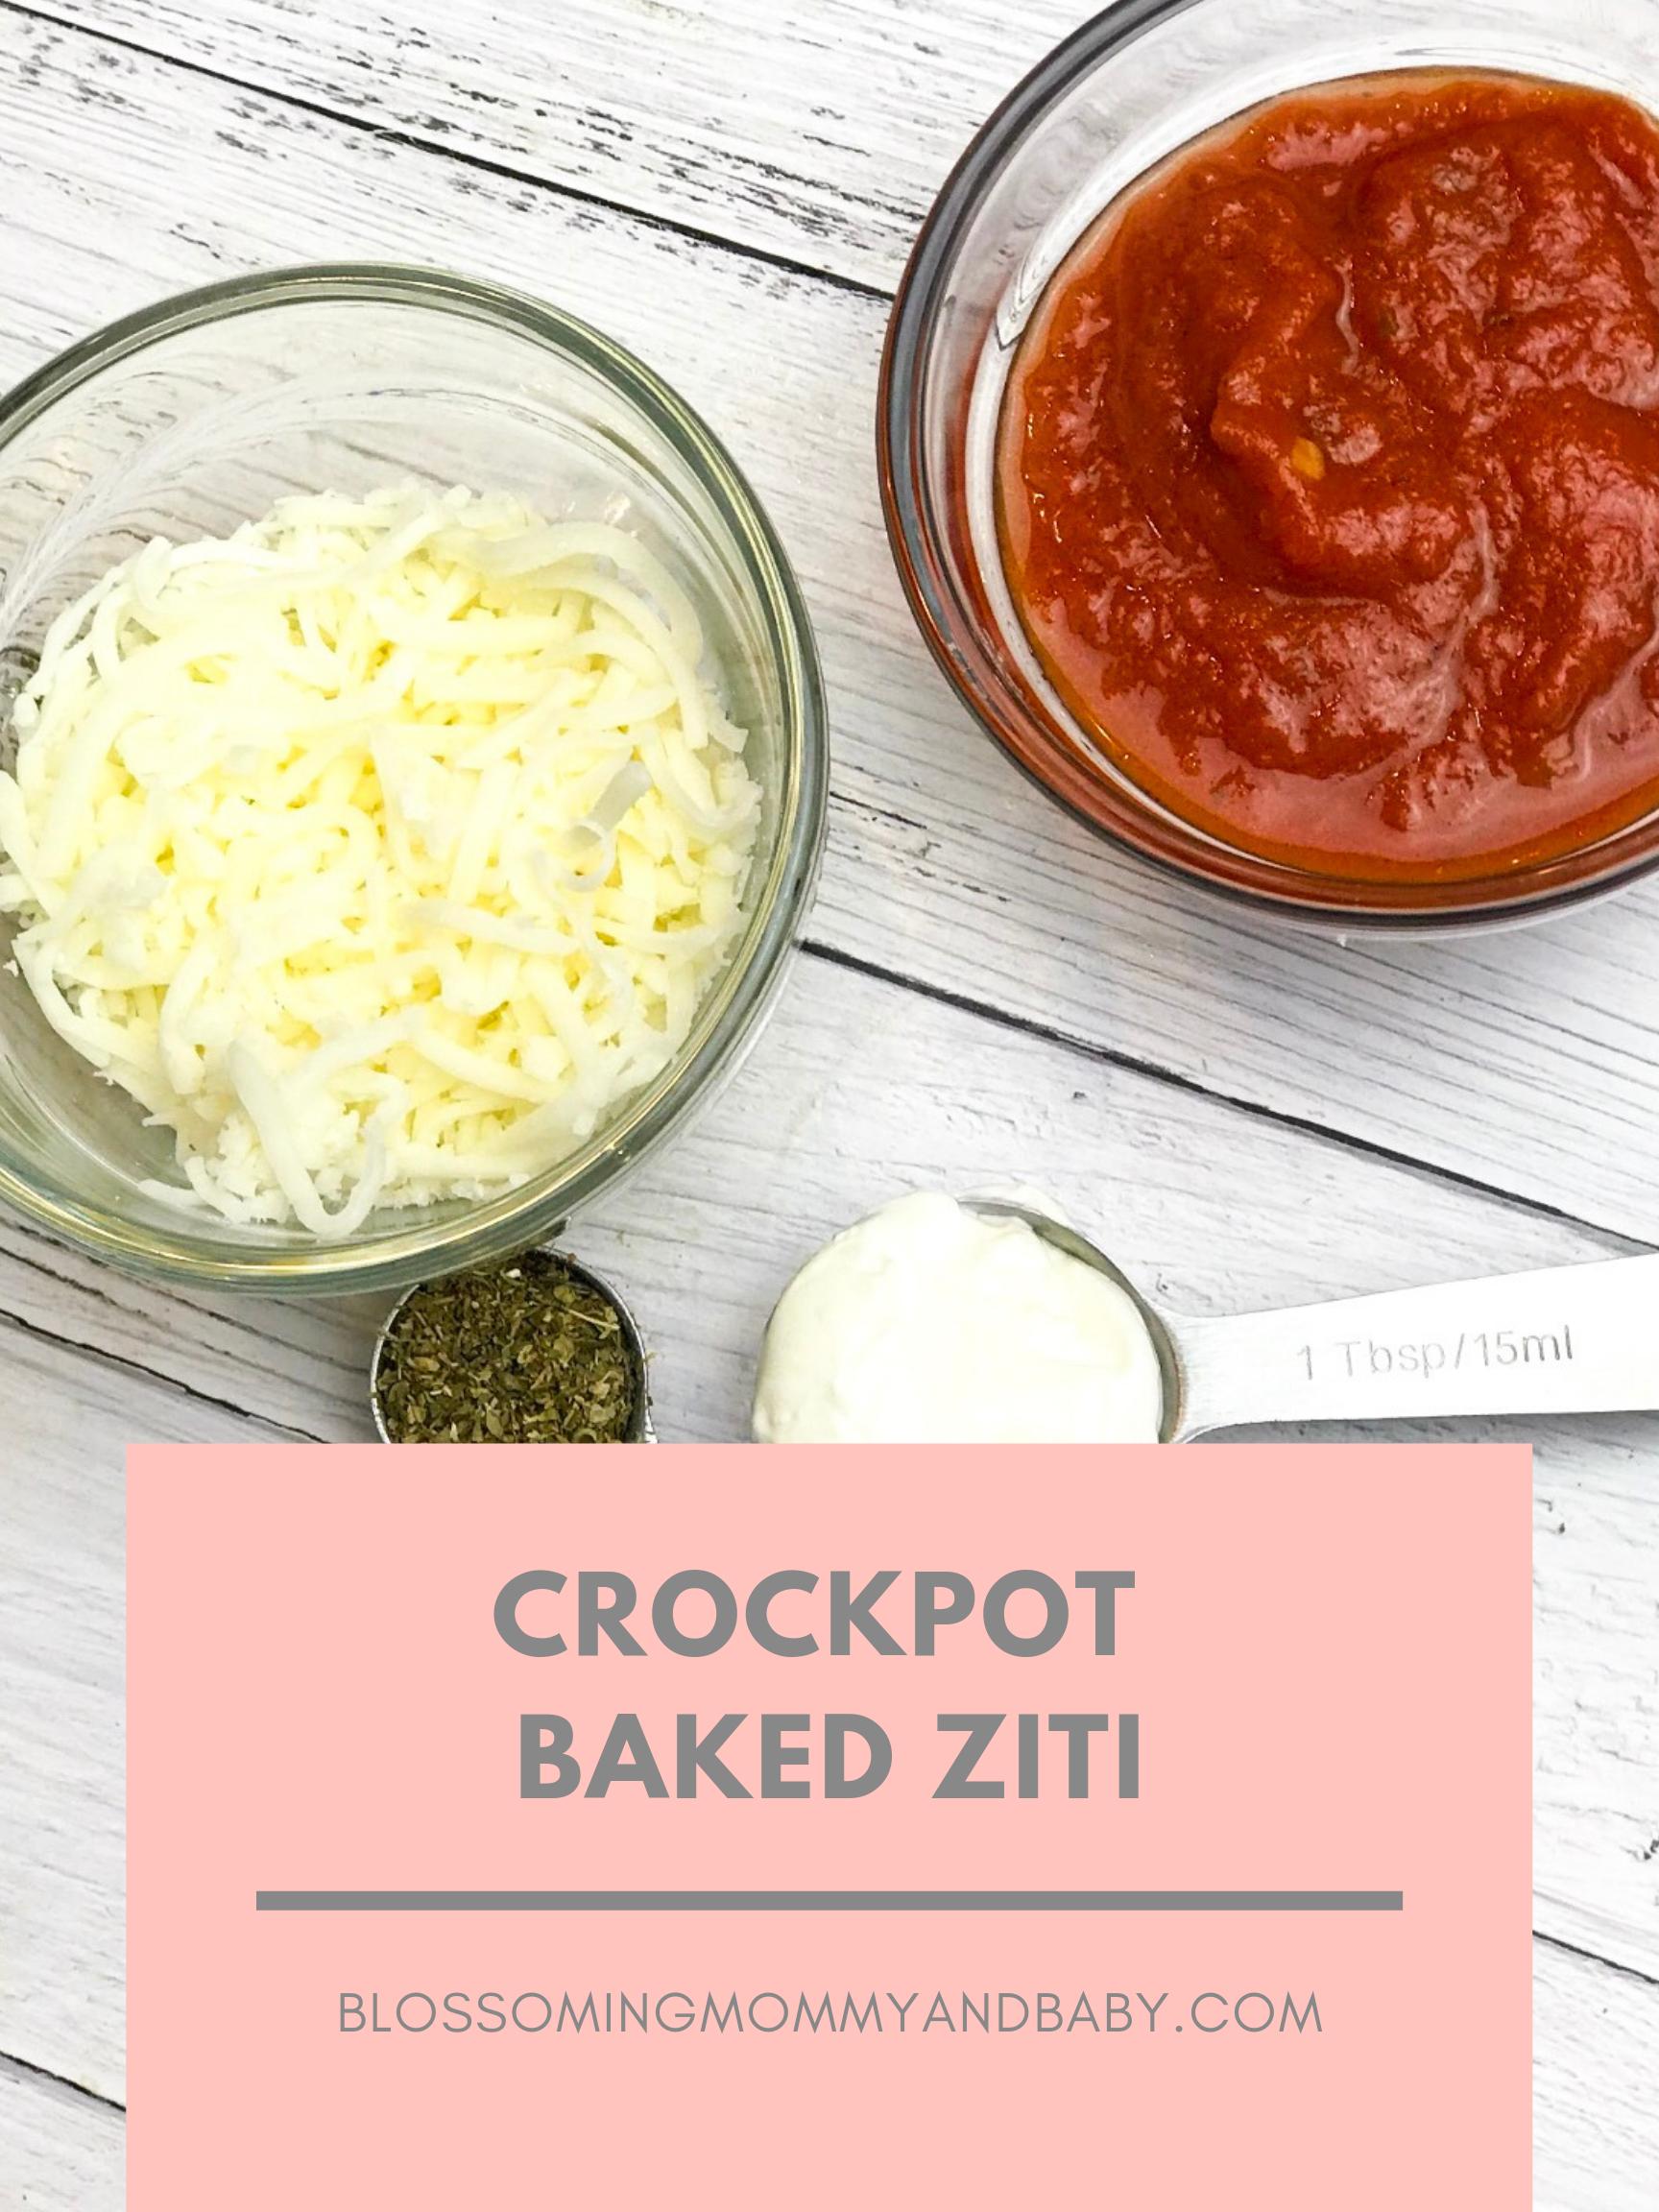 Corckpot baked ziti